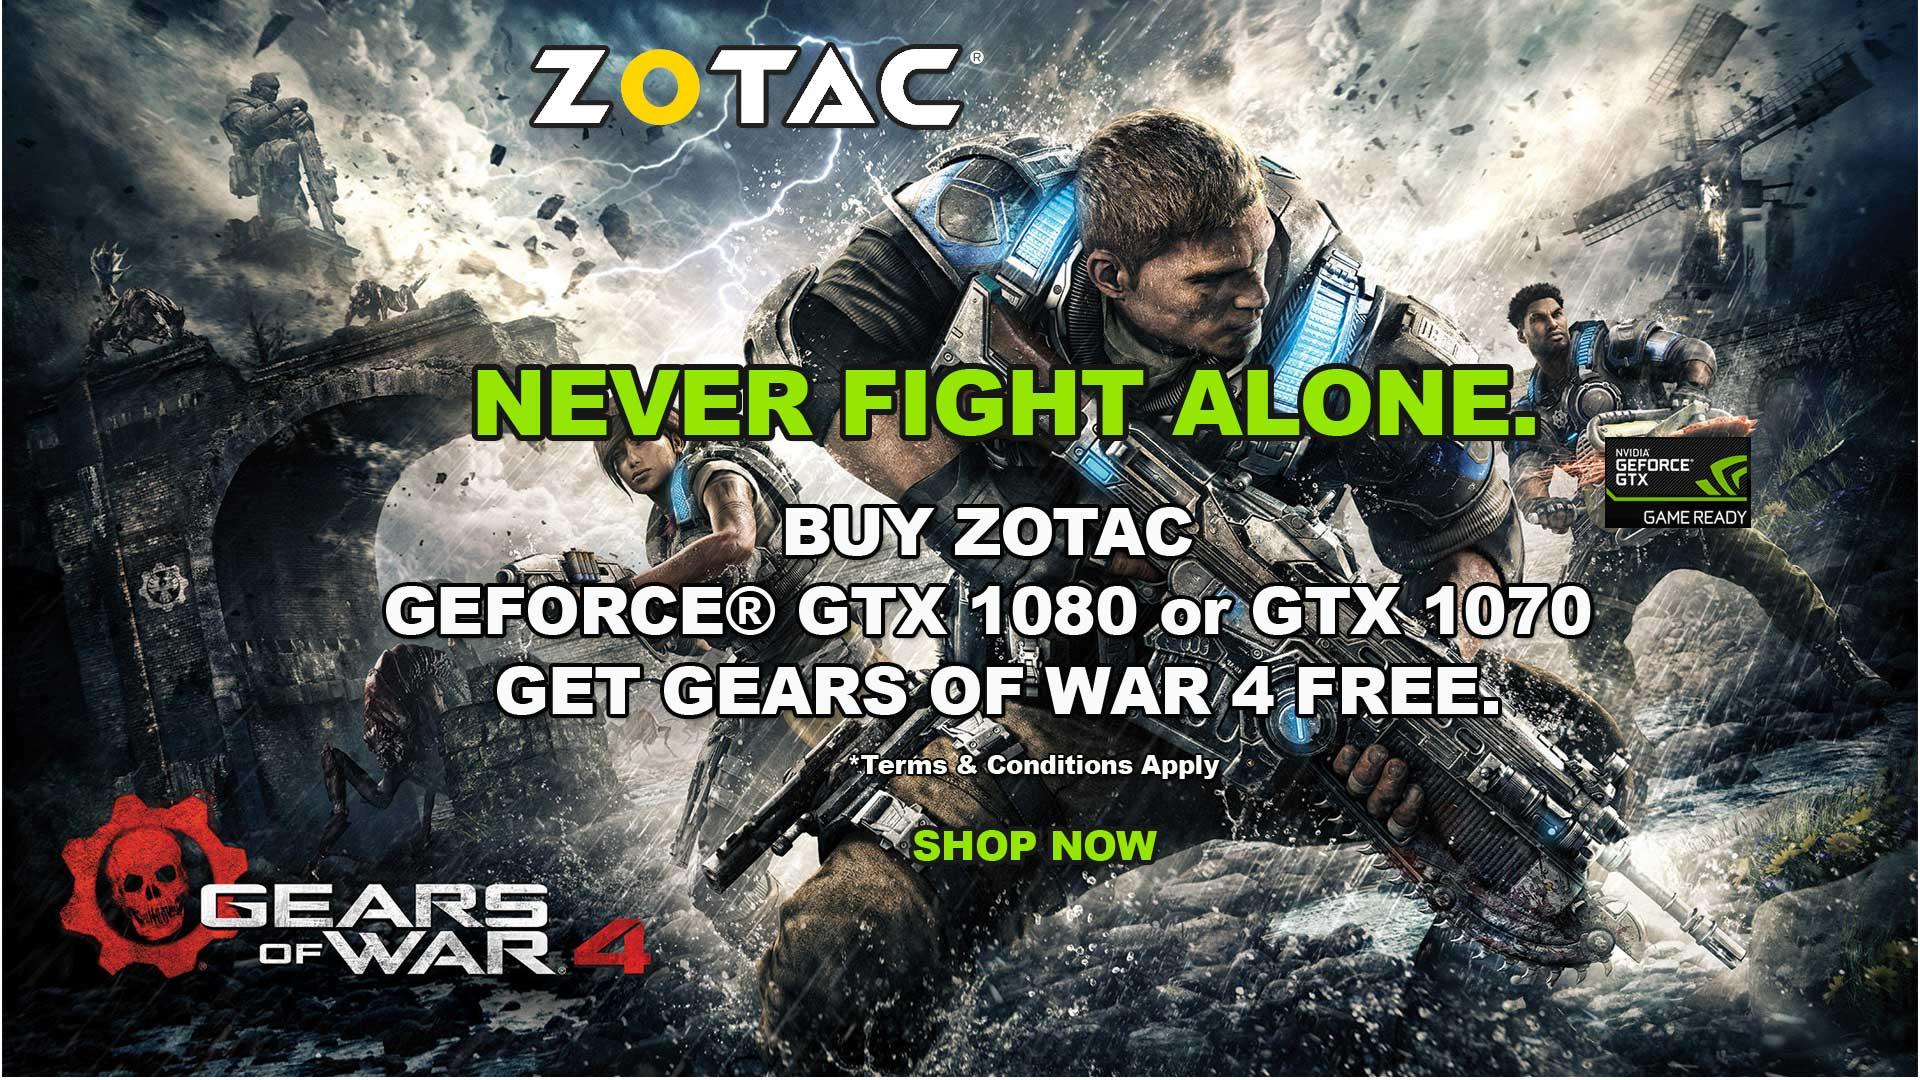 zotac-free-game-banner1